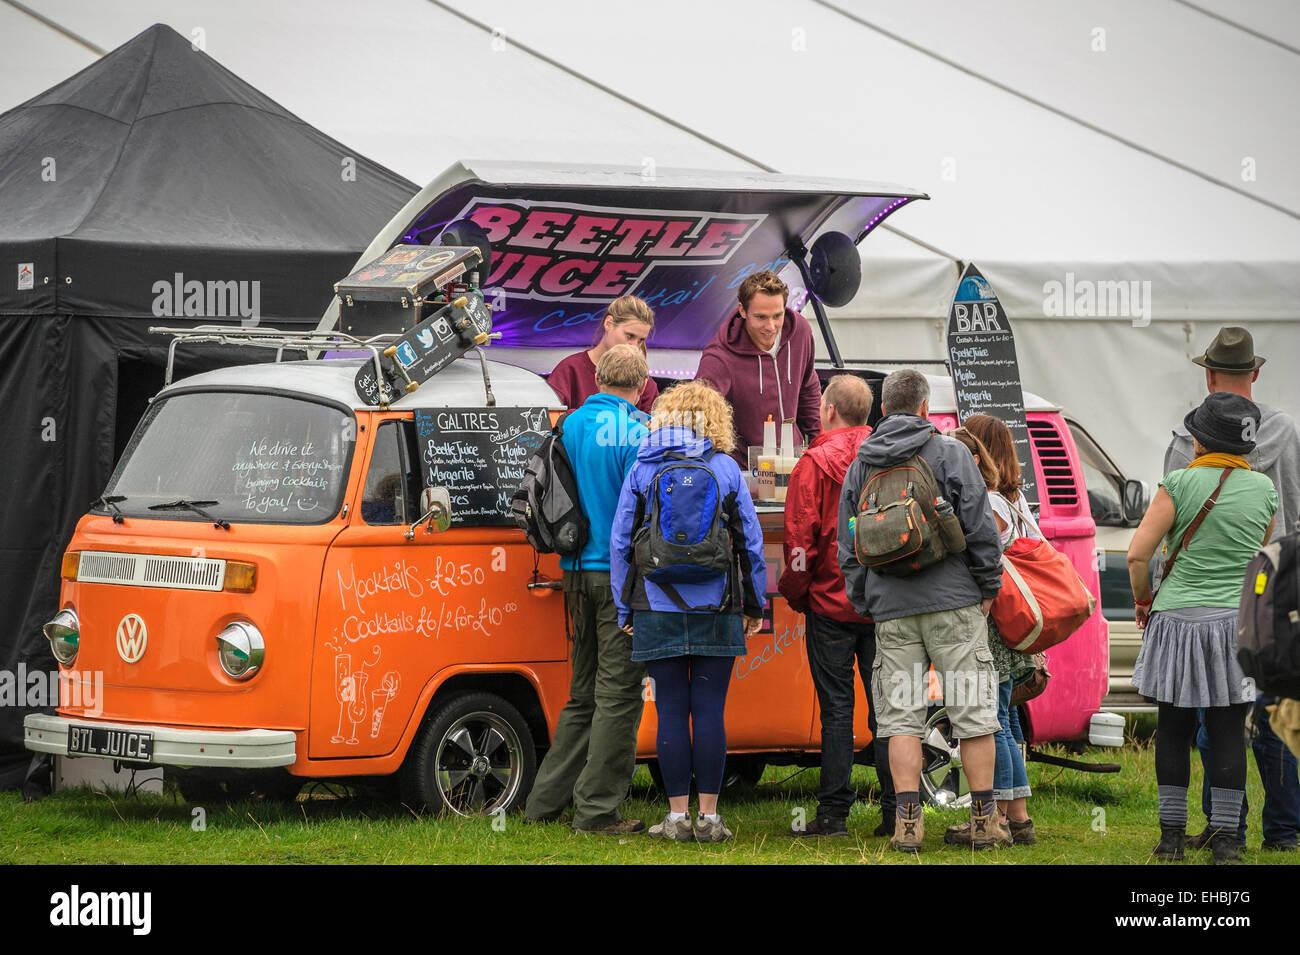 A converted VW camper van